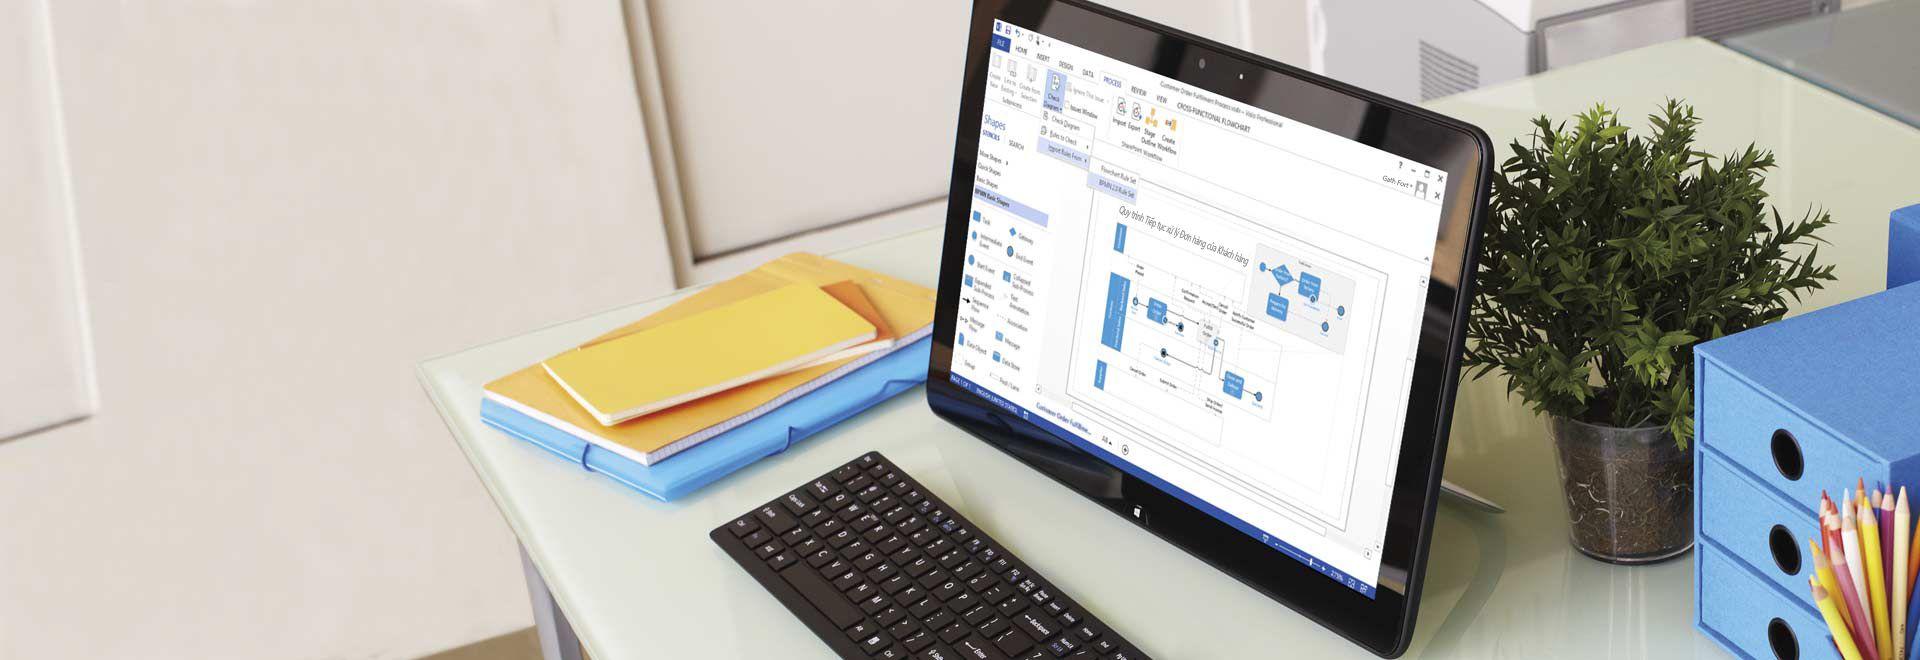 Bàn làm việc với một máy tính bảng đang hiển thị sơ đồ tiến trình trong Visio Professional 2016